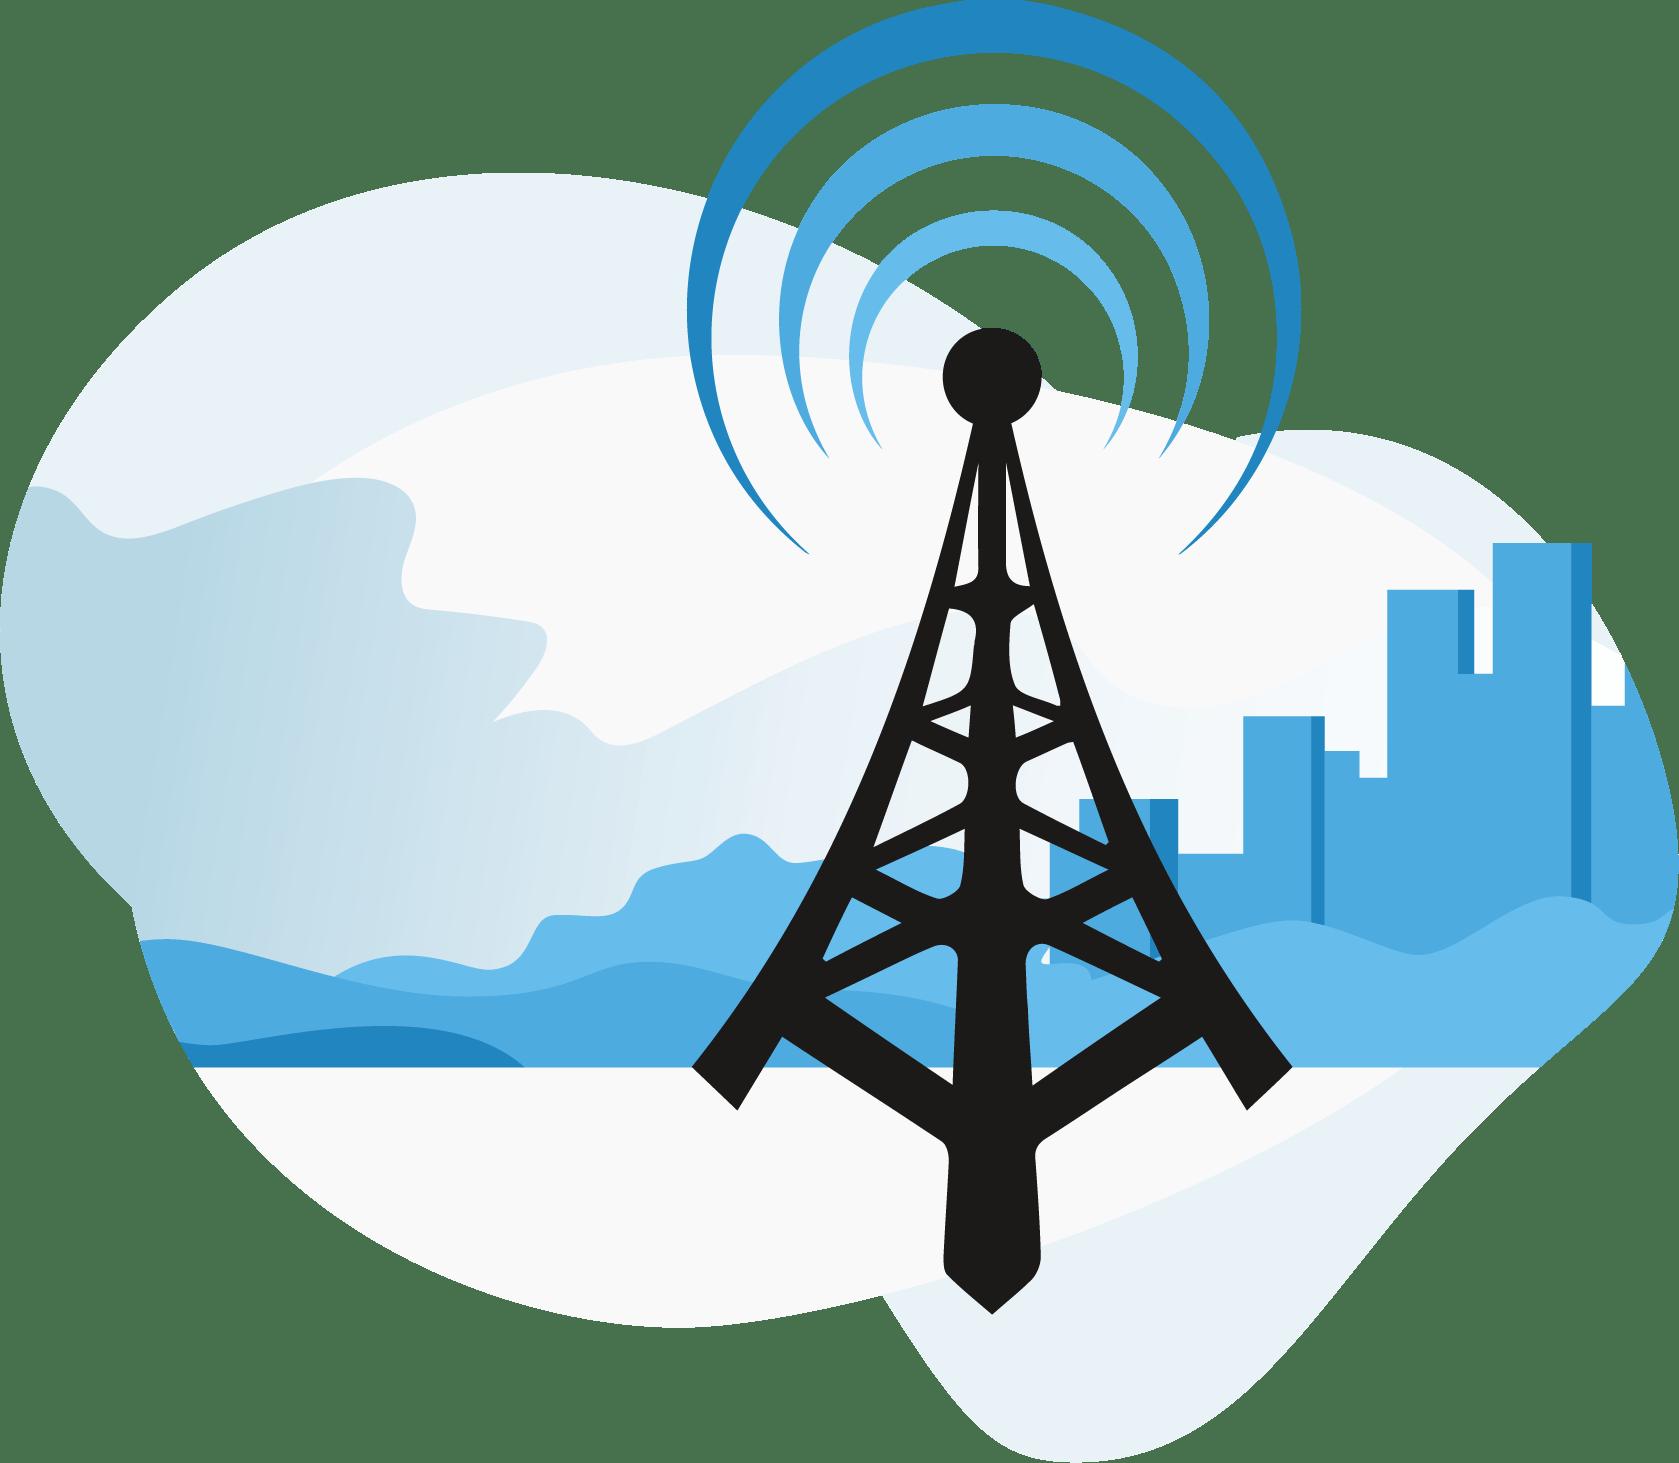 Bezdrátový internet - Nová Morava